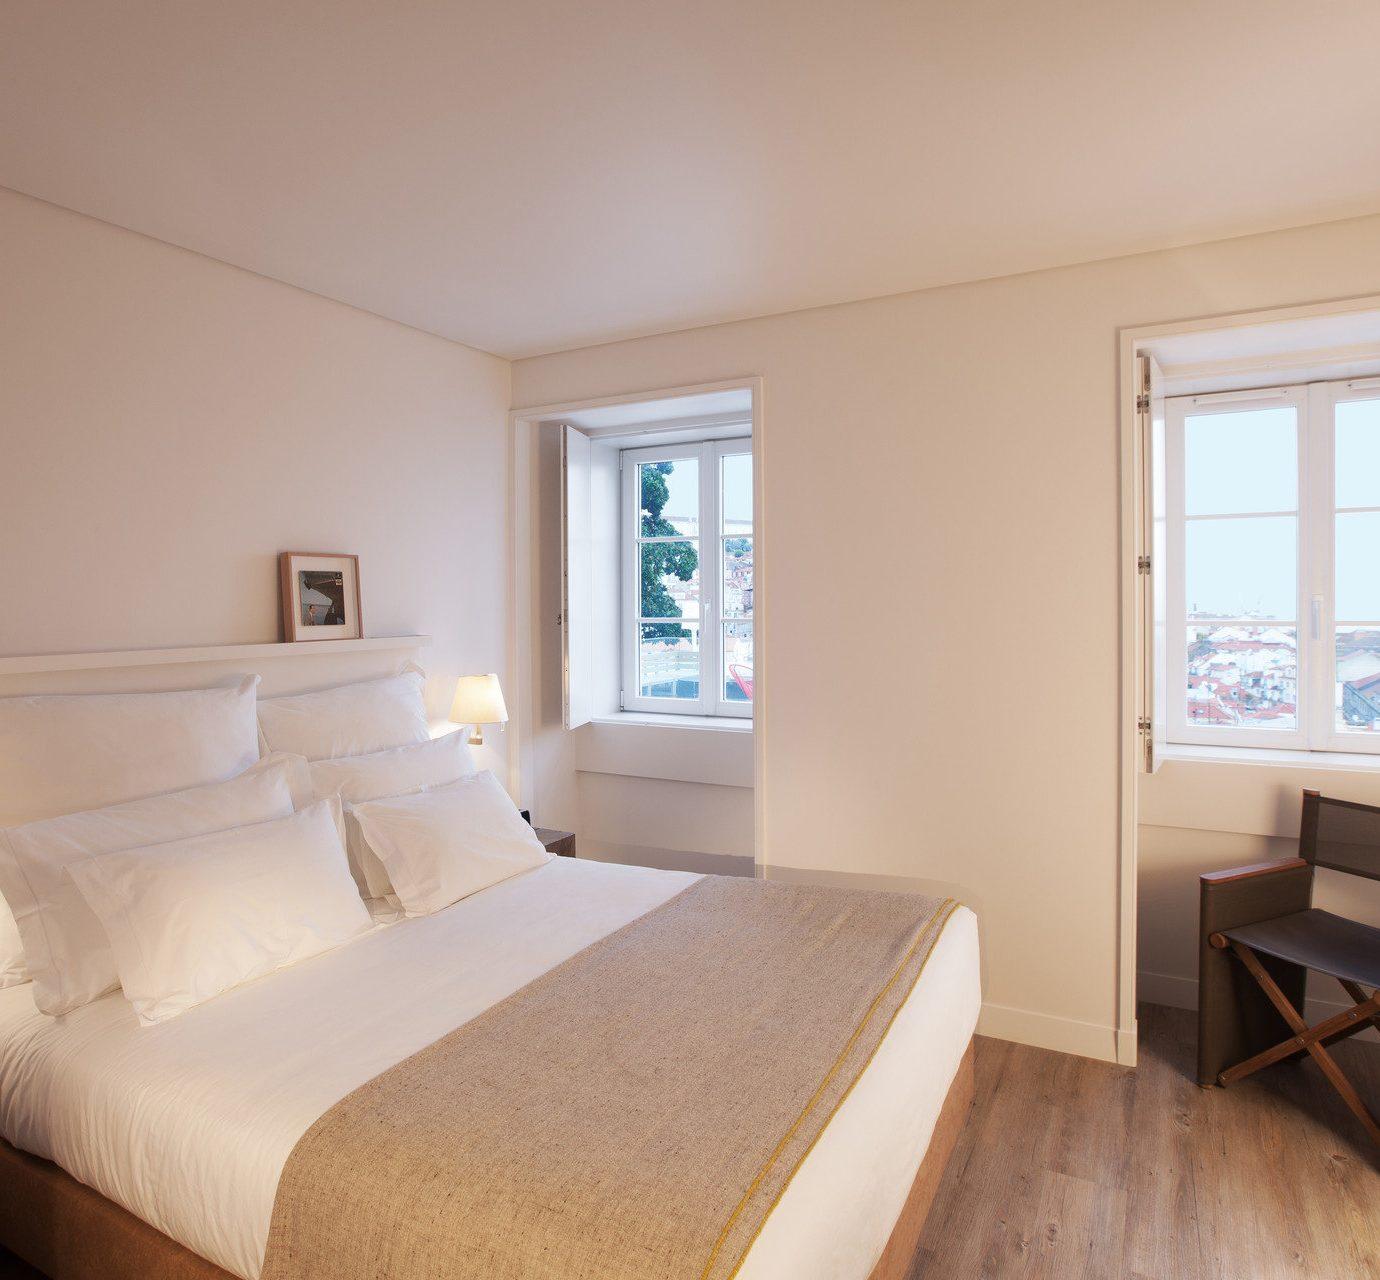 Hotels property Bedroom Suite cottage home living room